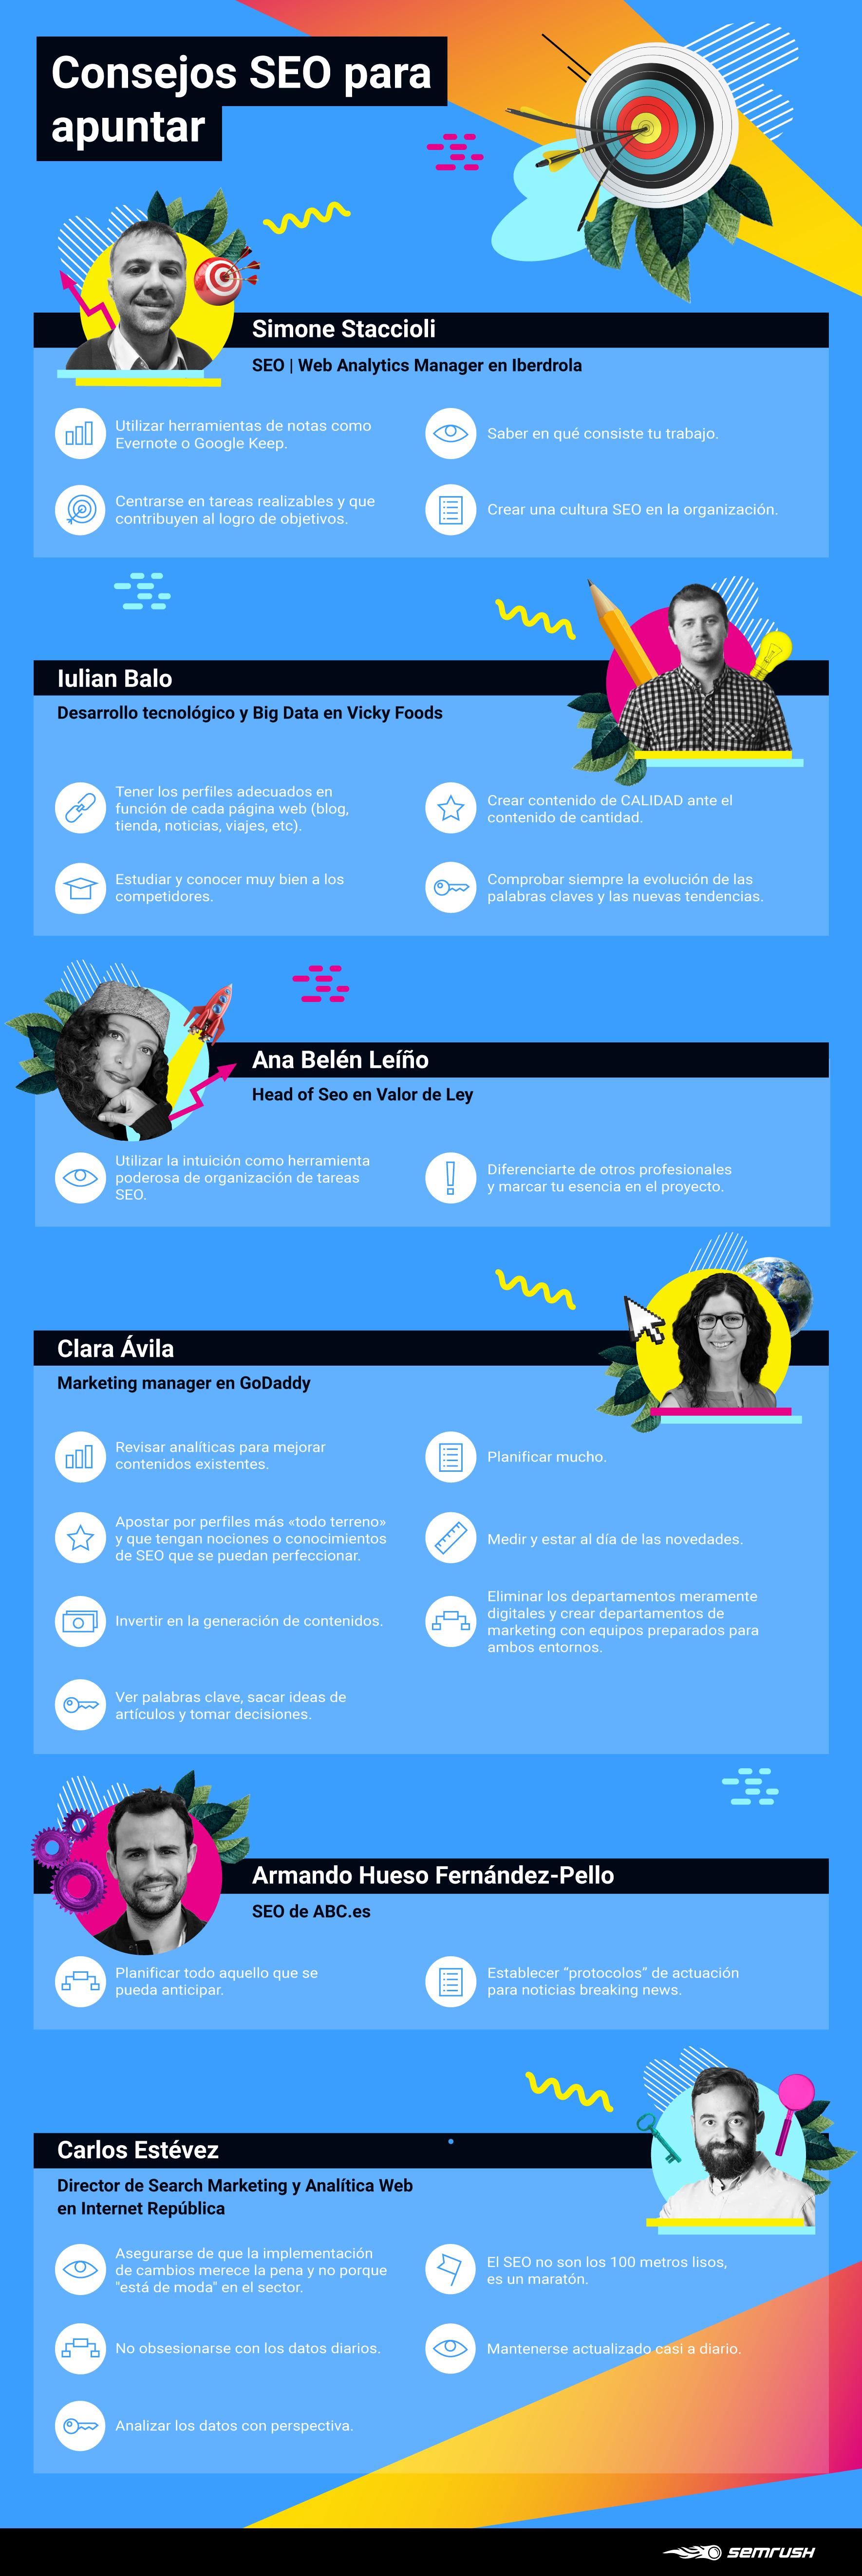 Checklist de consejos SEO - Infografía